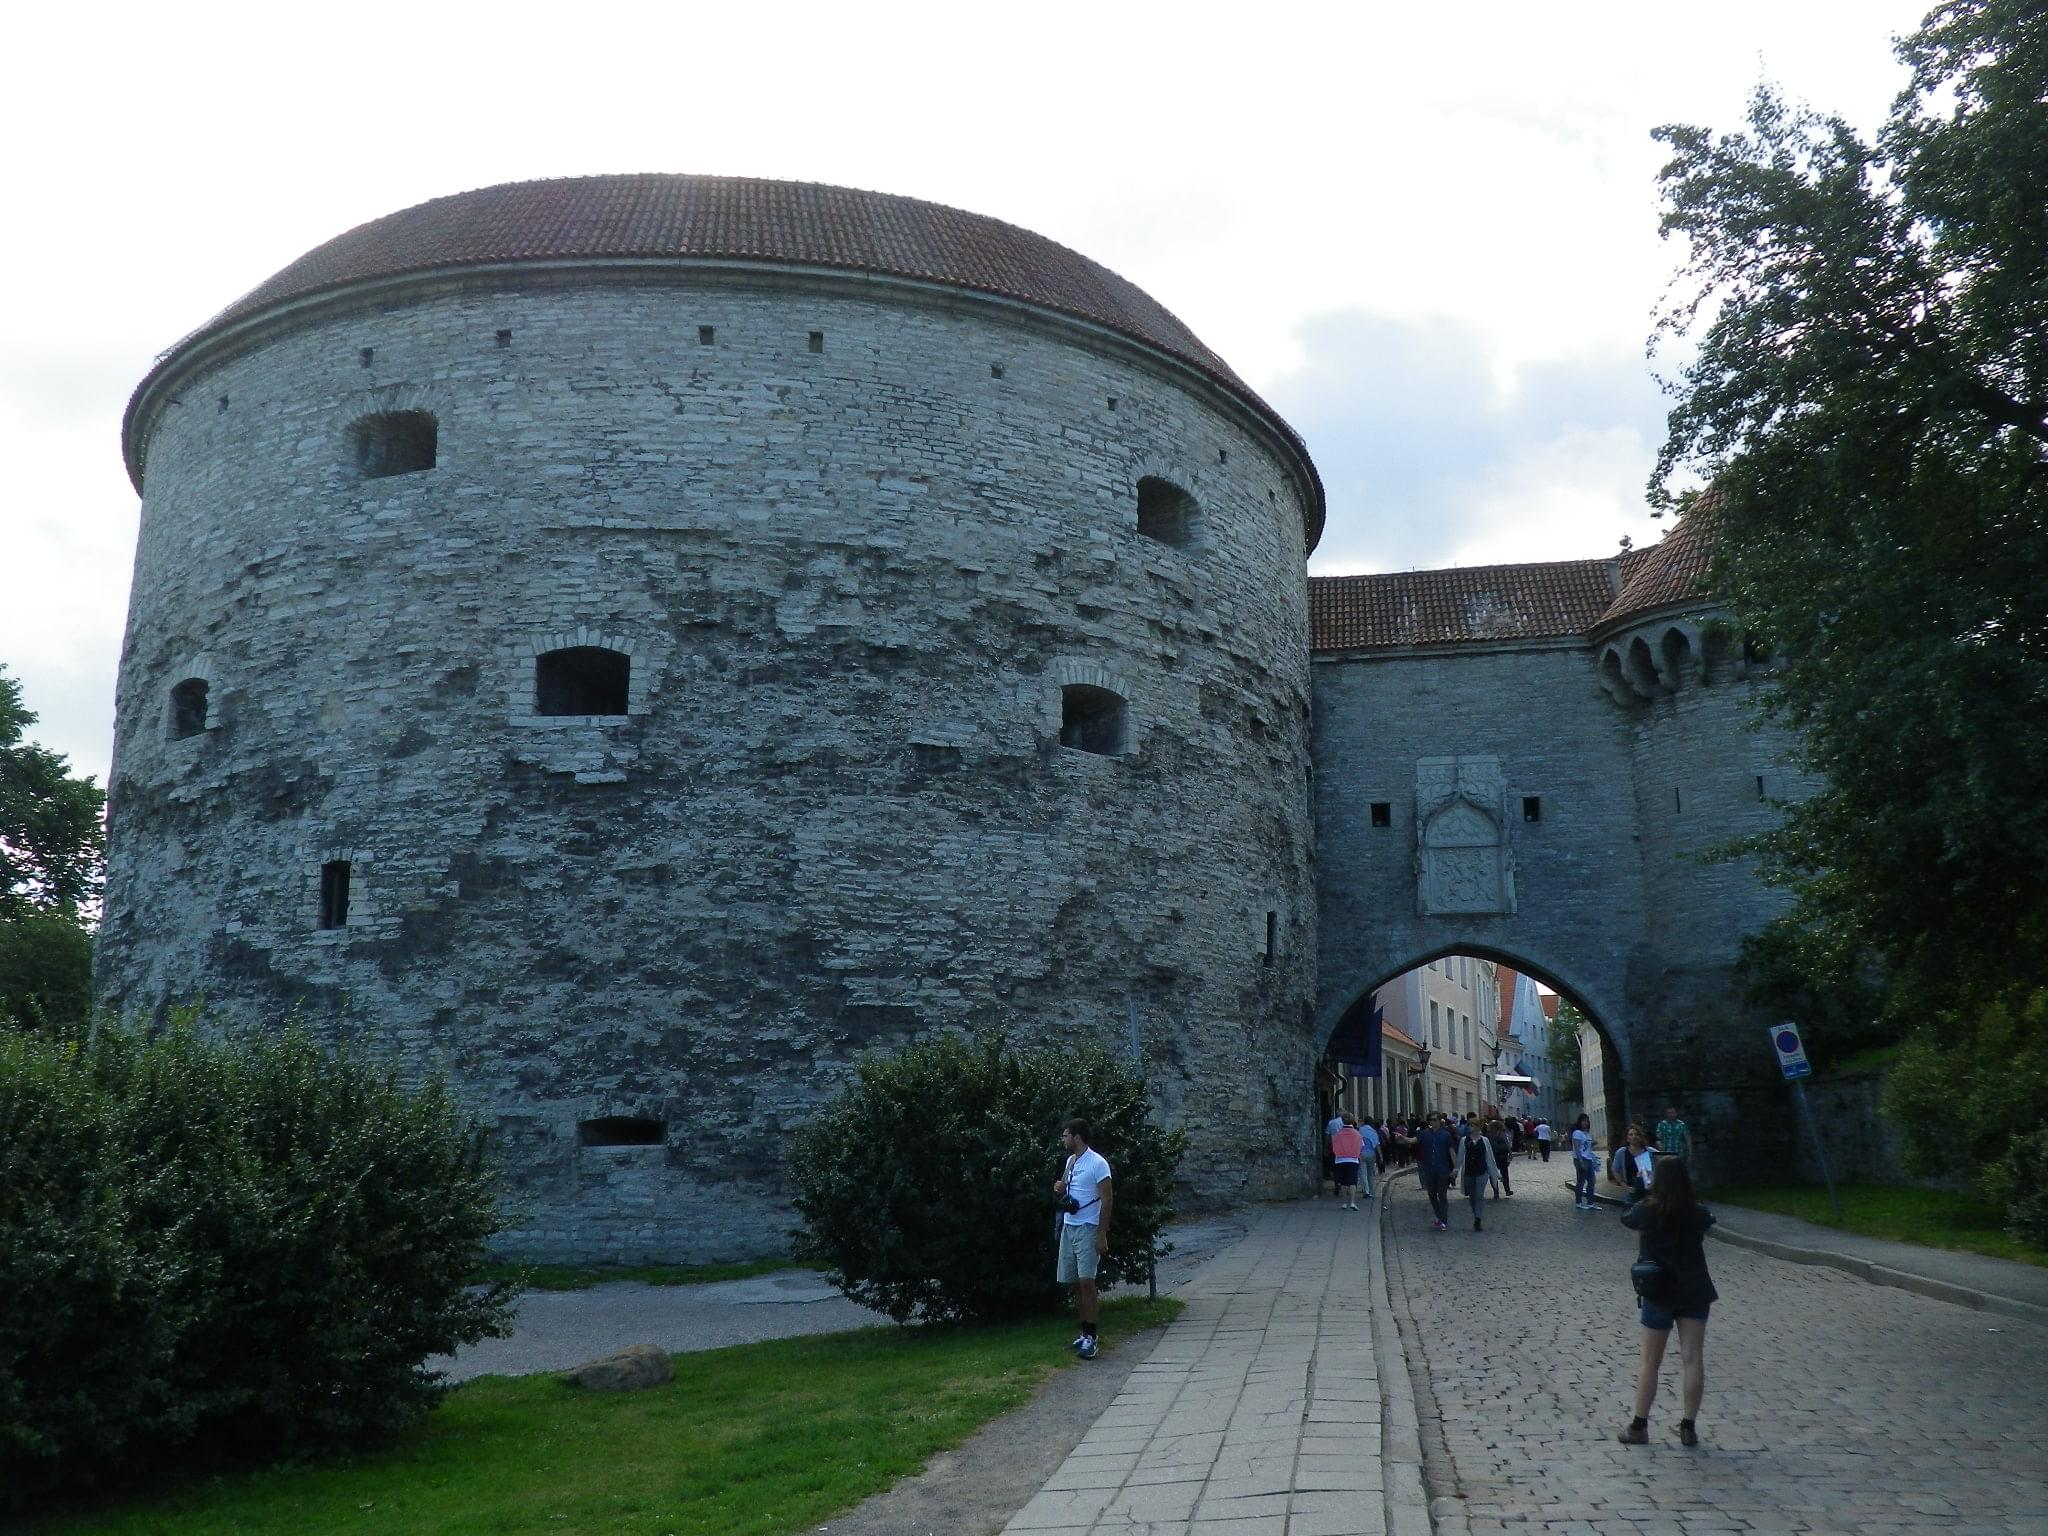 【エストニア】世界遺産の街・タリンに行ってみよう!